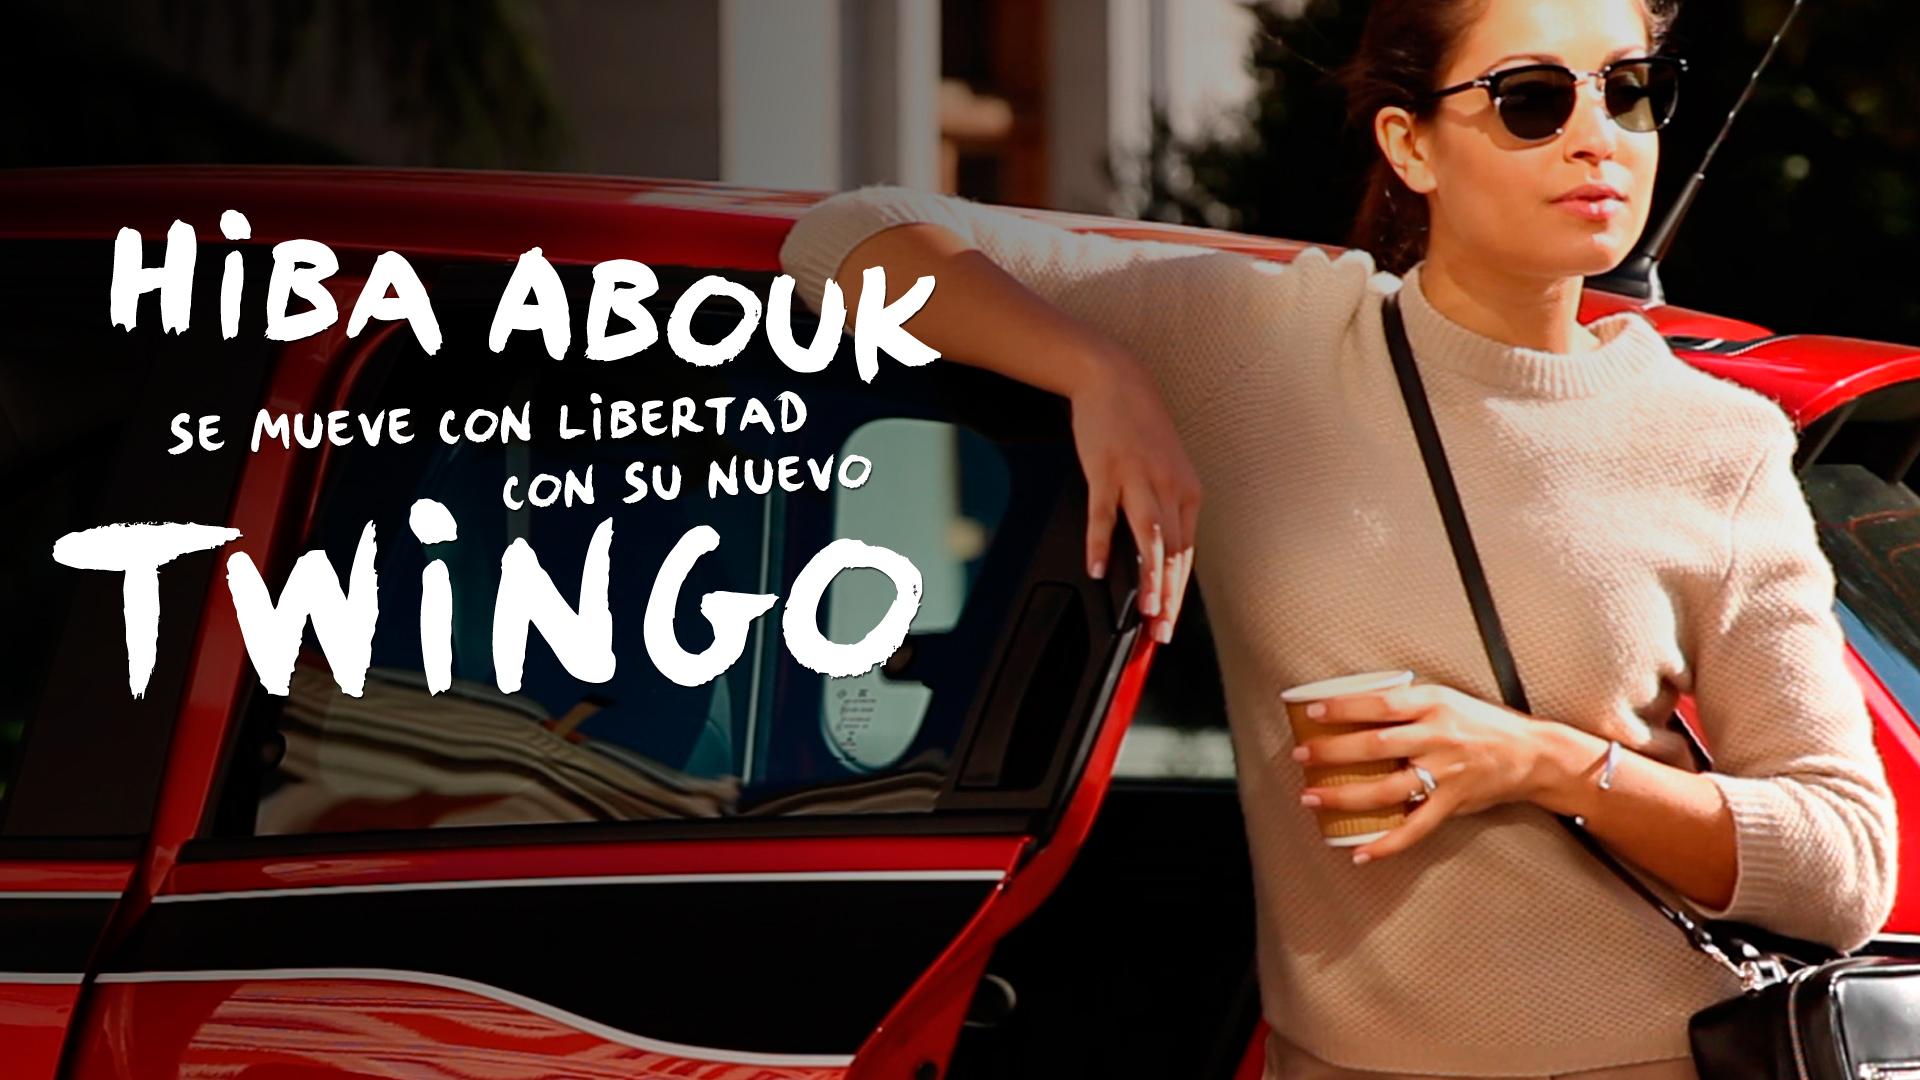 Hiba_Abouk_Se_Mueve_Nuevo_Renault_Twingo_Bymyheels